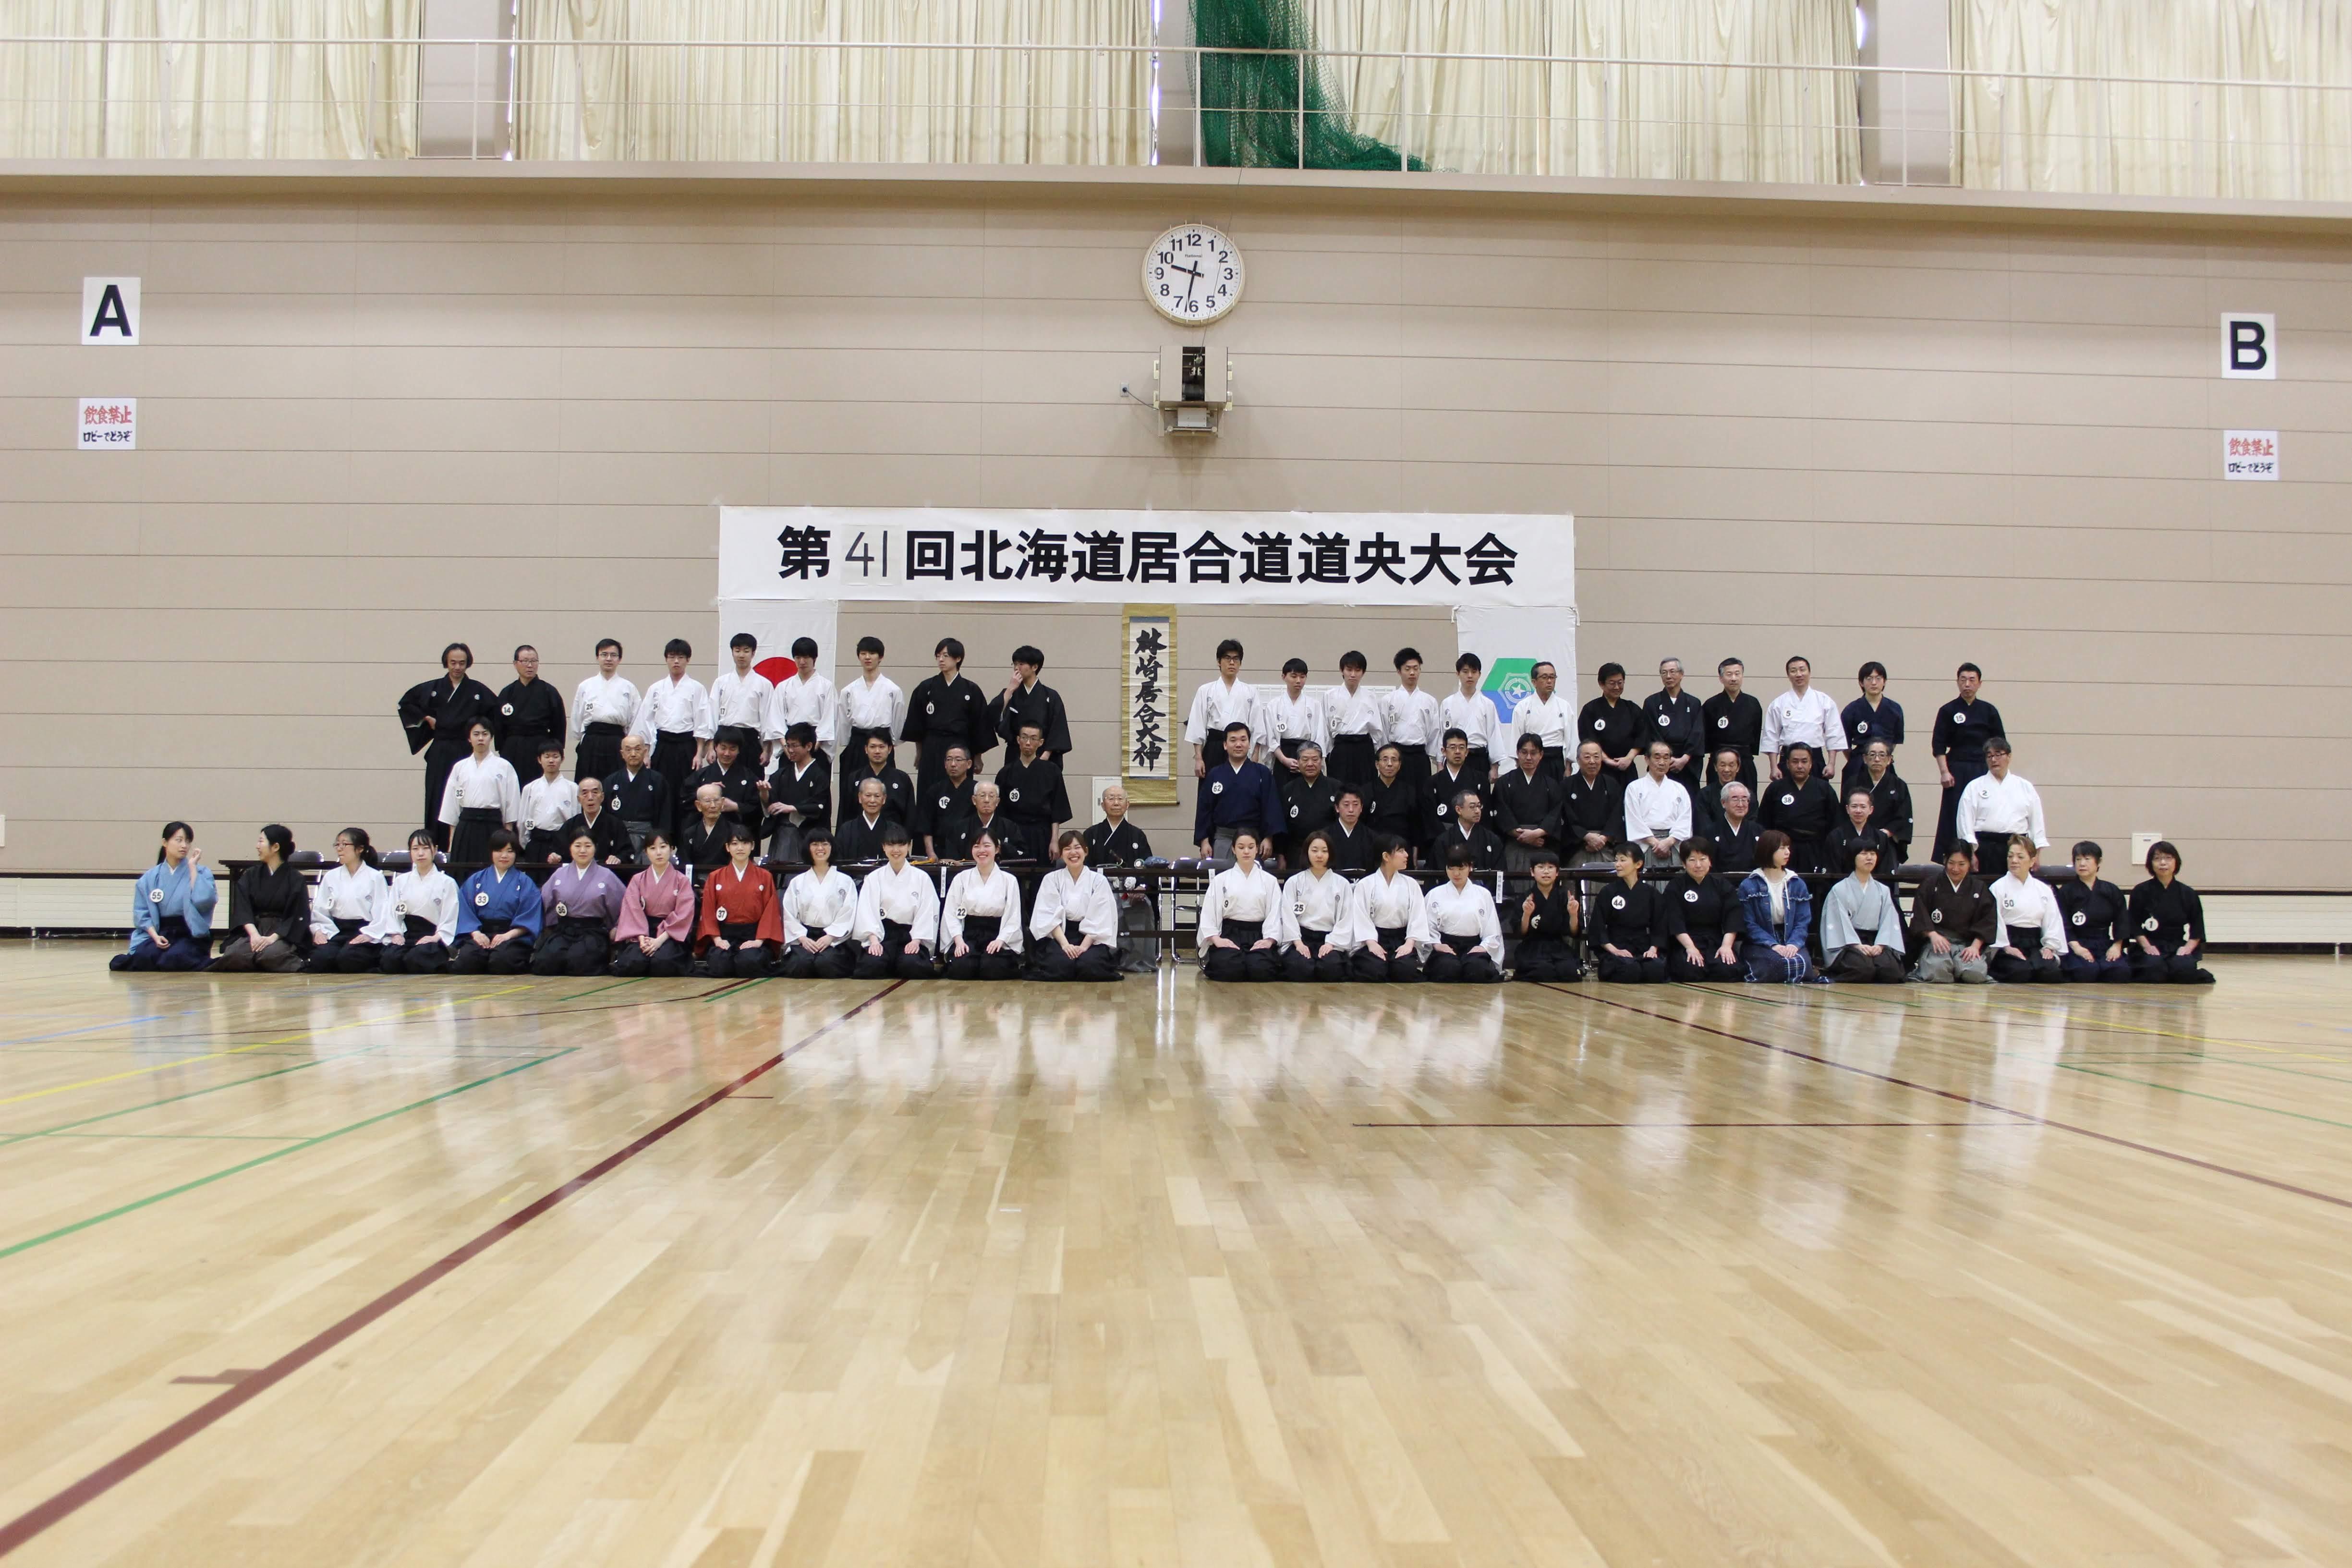 20190413 第41回北海道居合道大会道央大会 集合写真